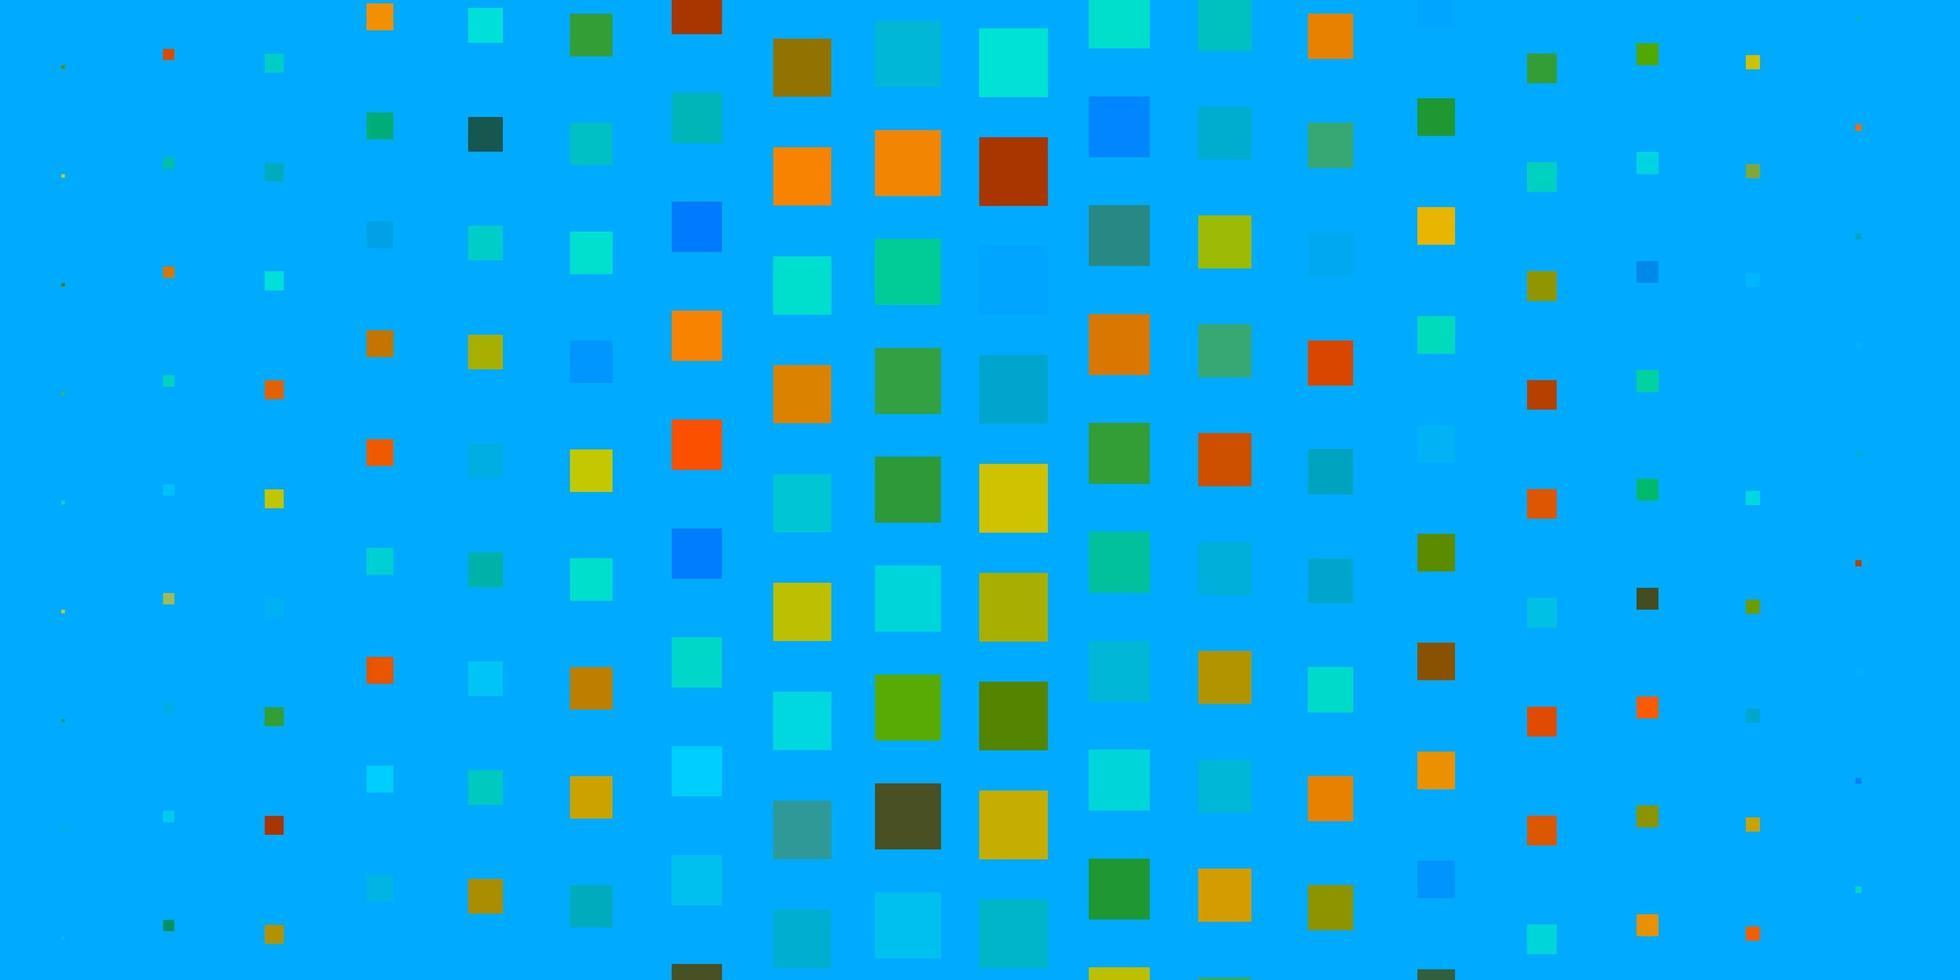 texture de vecteur bleu clair, jaune dans un style rectangulaire.